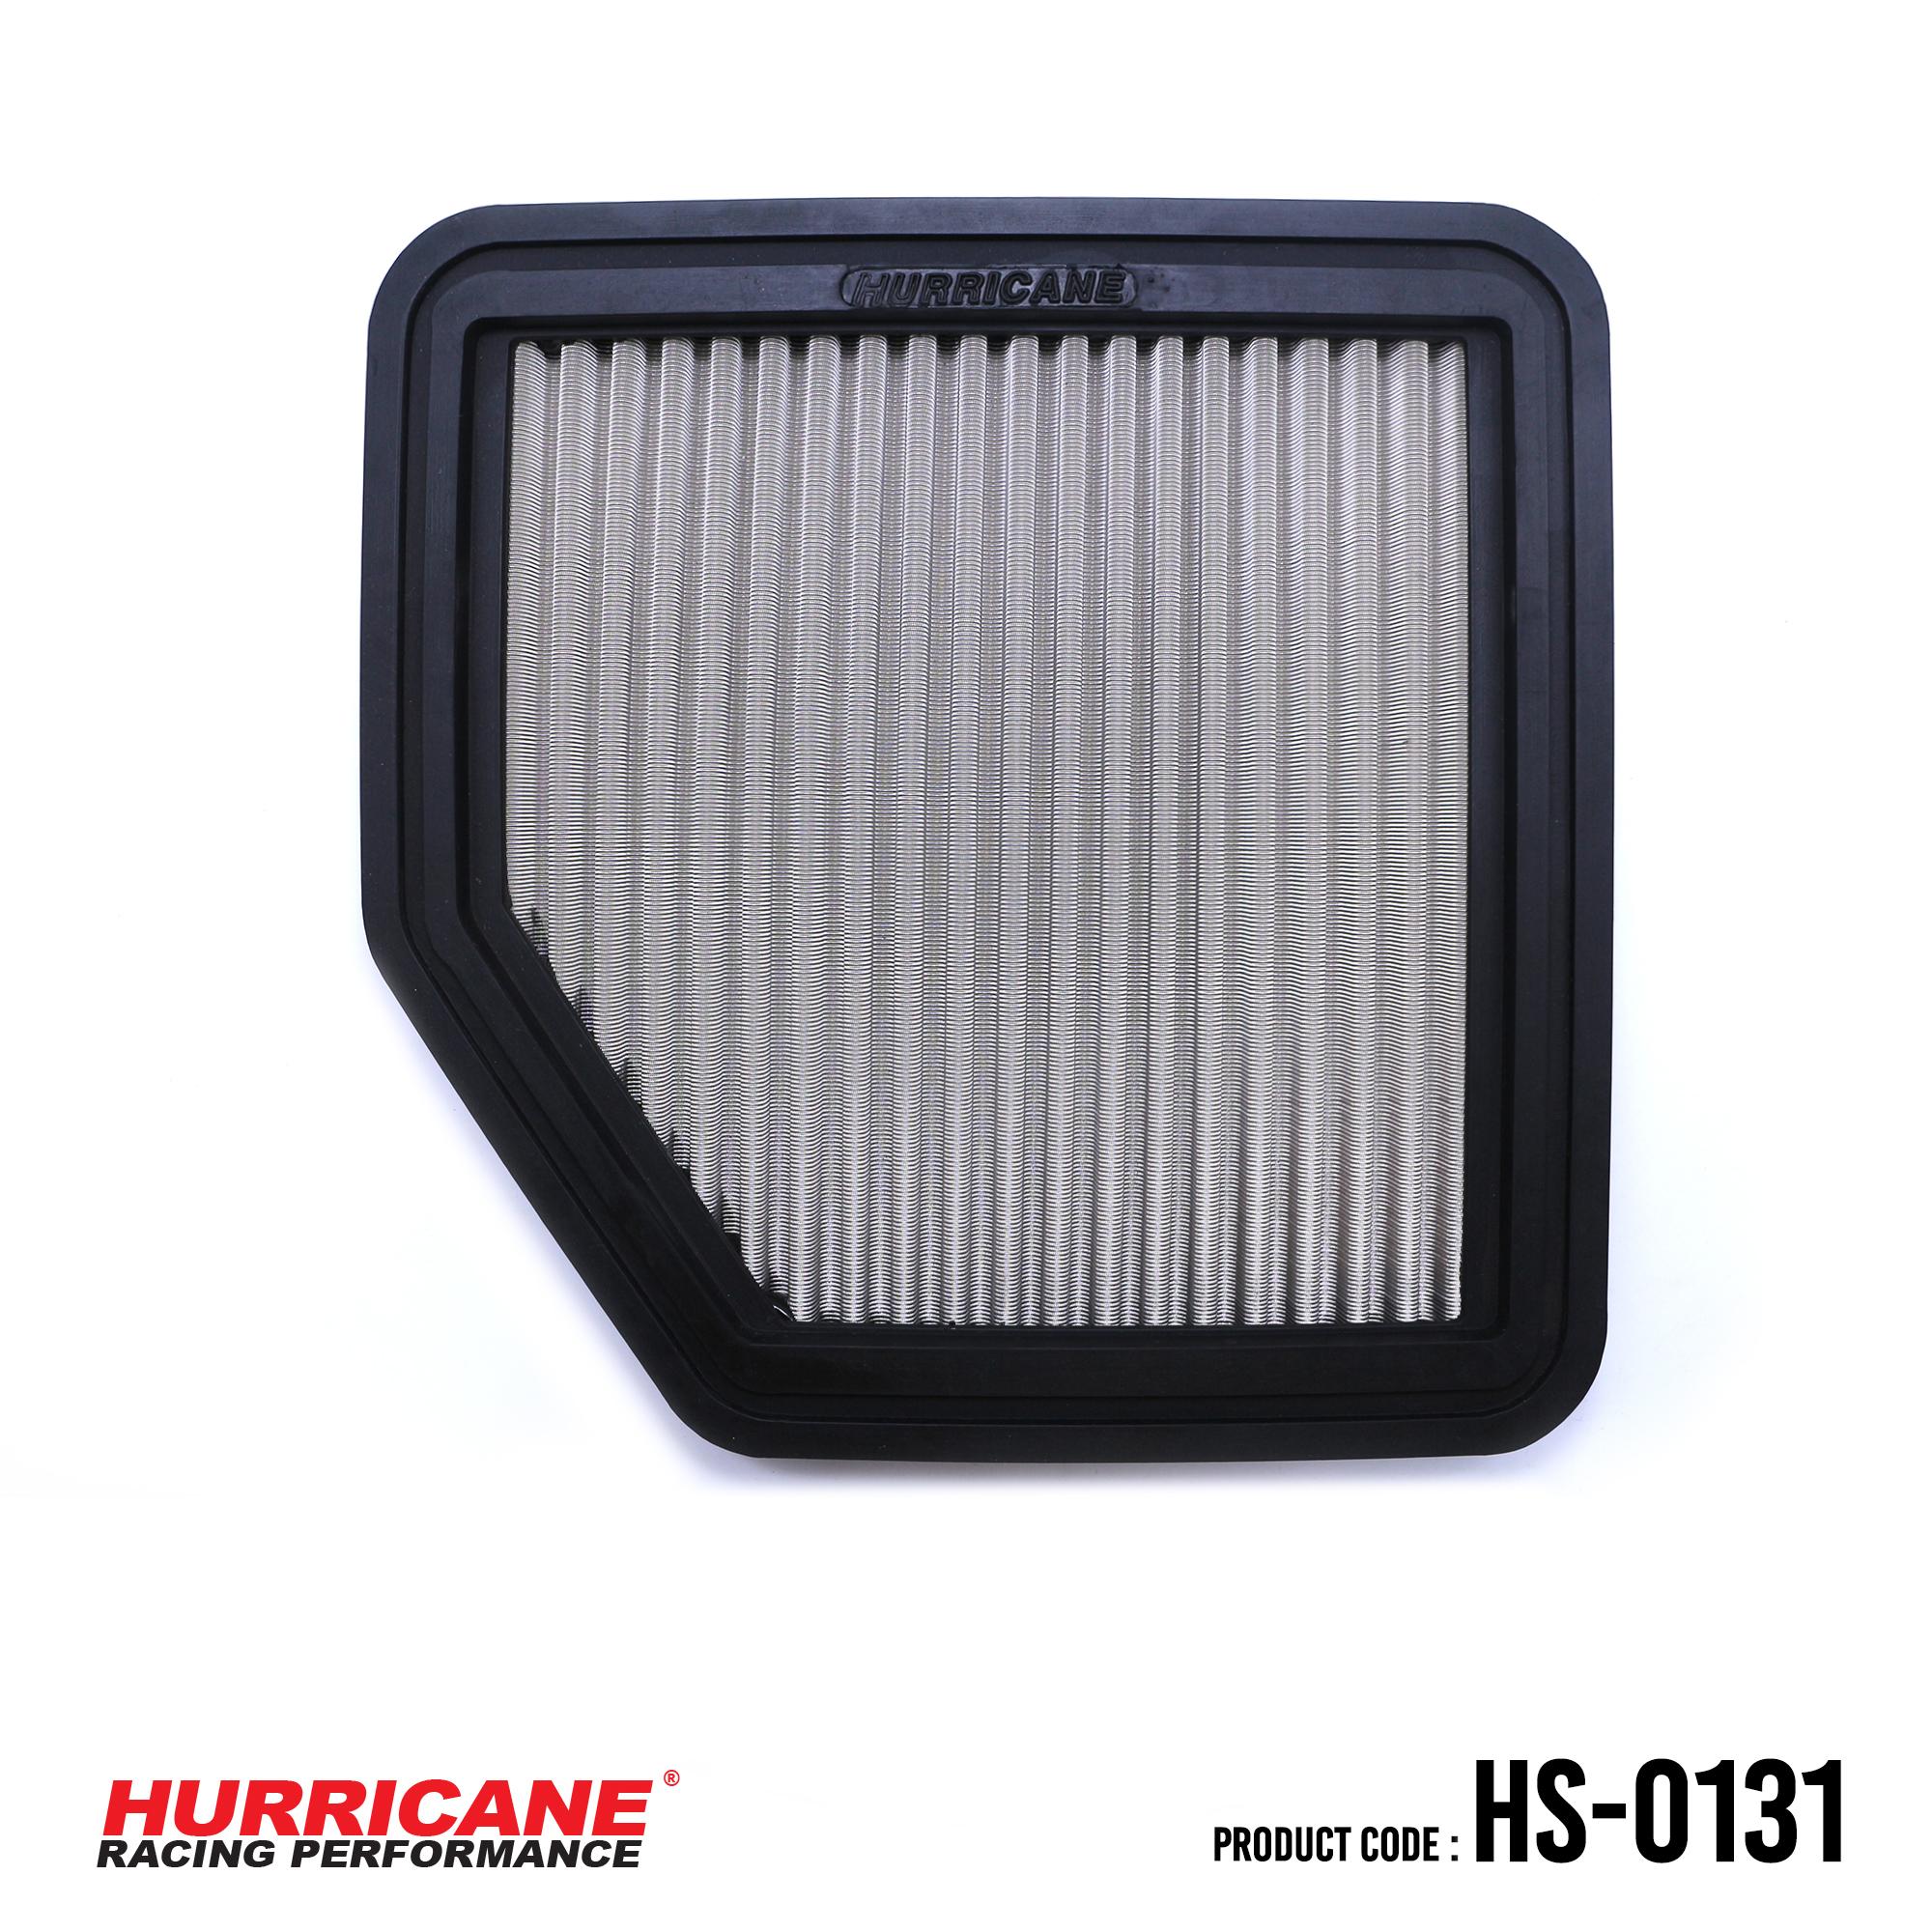 HURRICANE STAINLESS STEEL AIR FILTER FOR HS-0131 LexusToyota